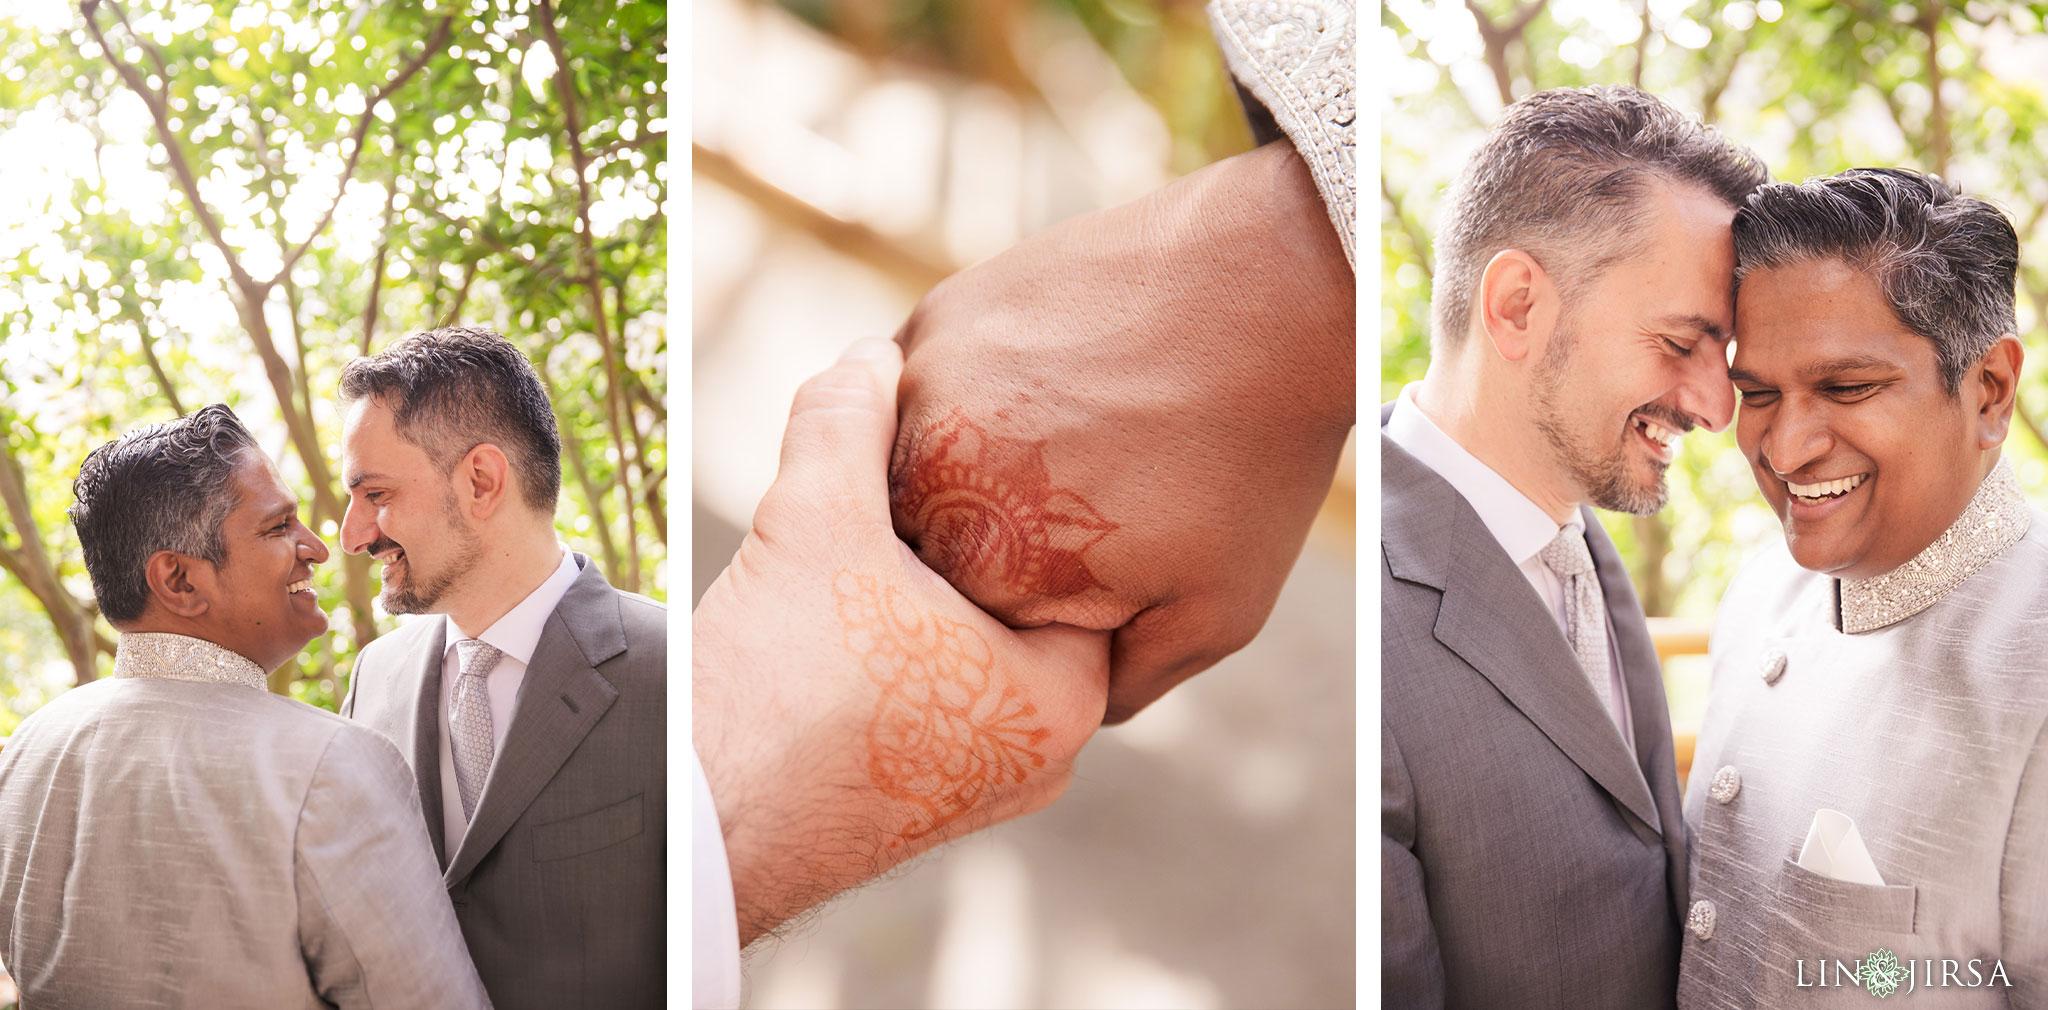 23 seven degrees laguna beach gay wedding photography